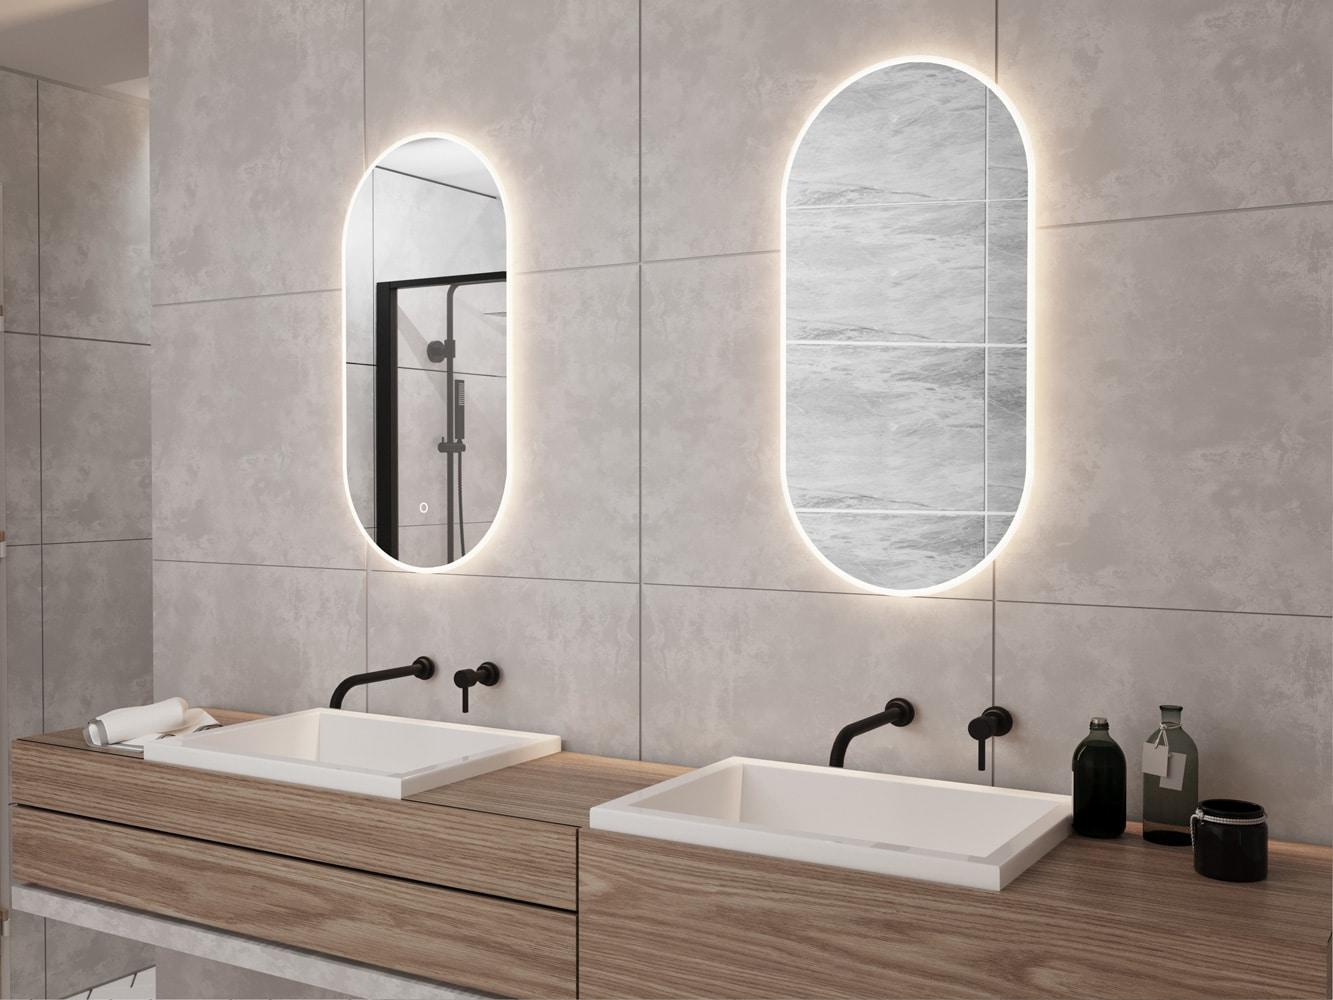 2 Ovale spiegels met led verlichting op grijze tegel